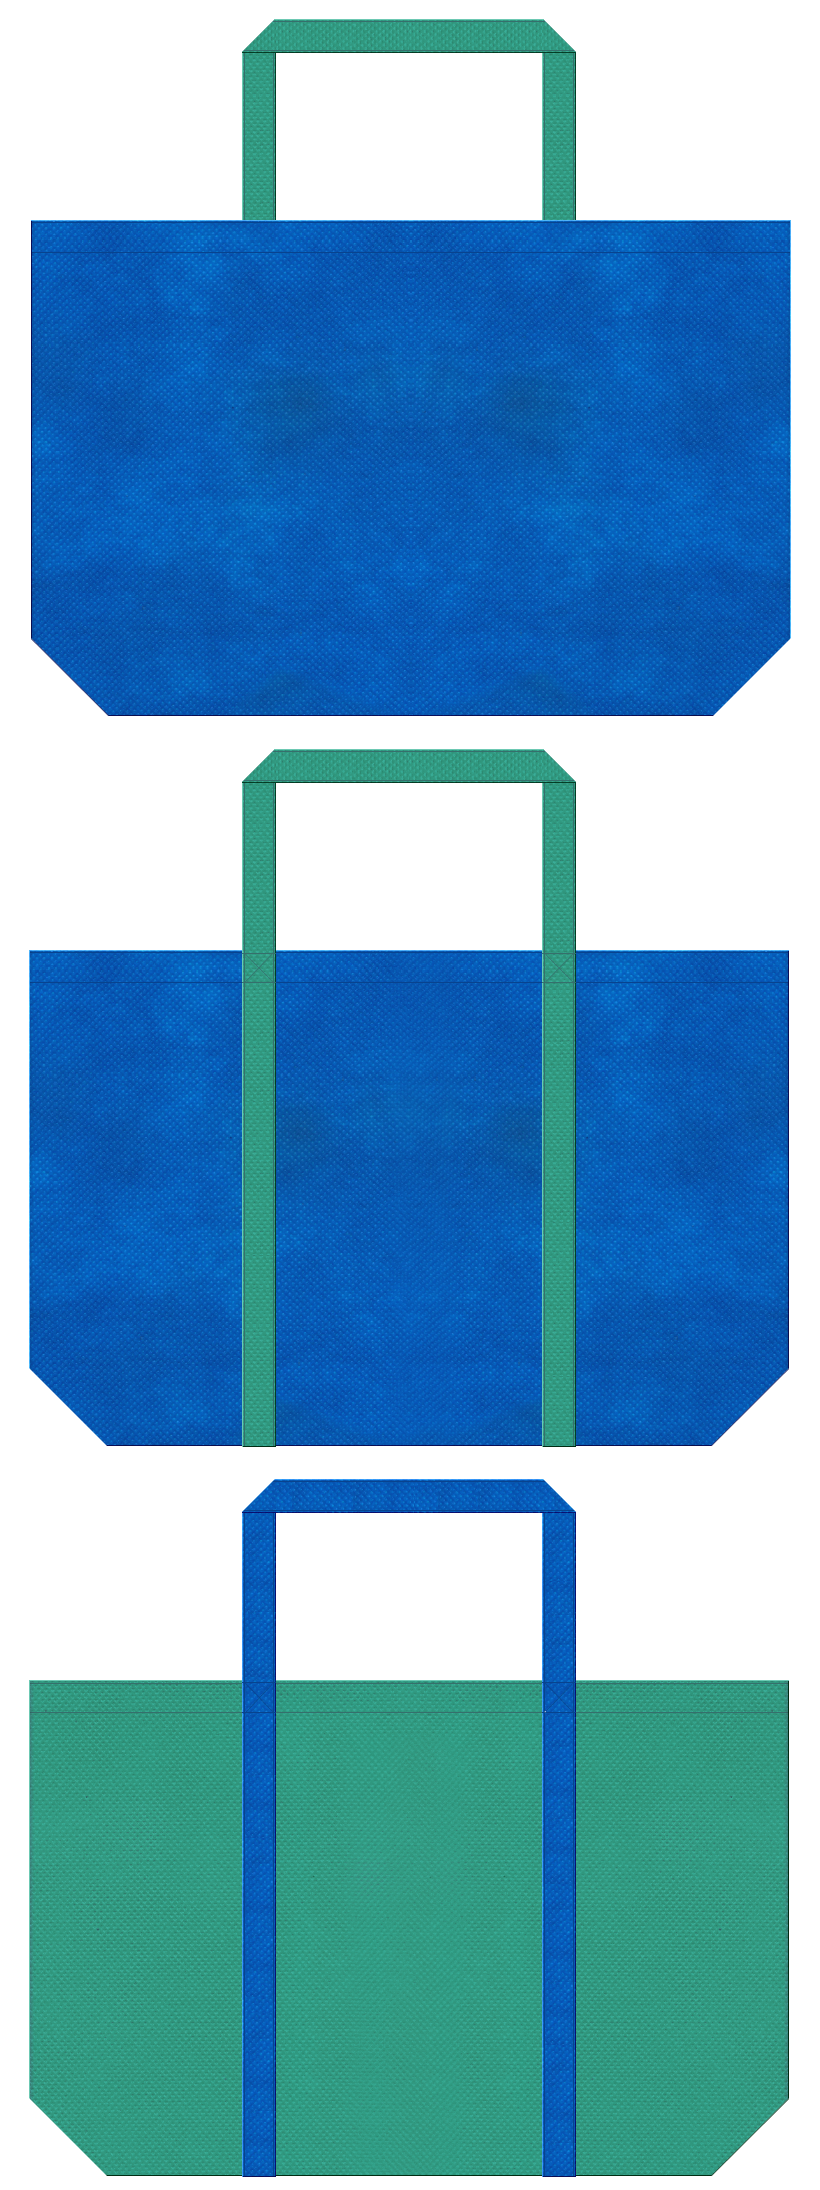 不織布トートバッグ 舟底タイプ 不織布カラーNo.22スカイブルーとNo.31ライムグリーンの組み合わせ